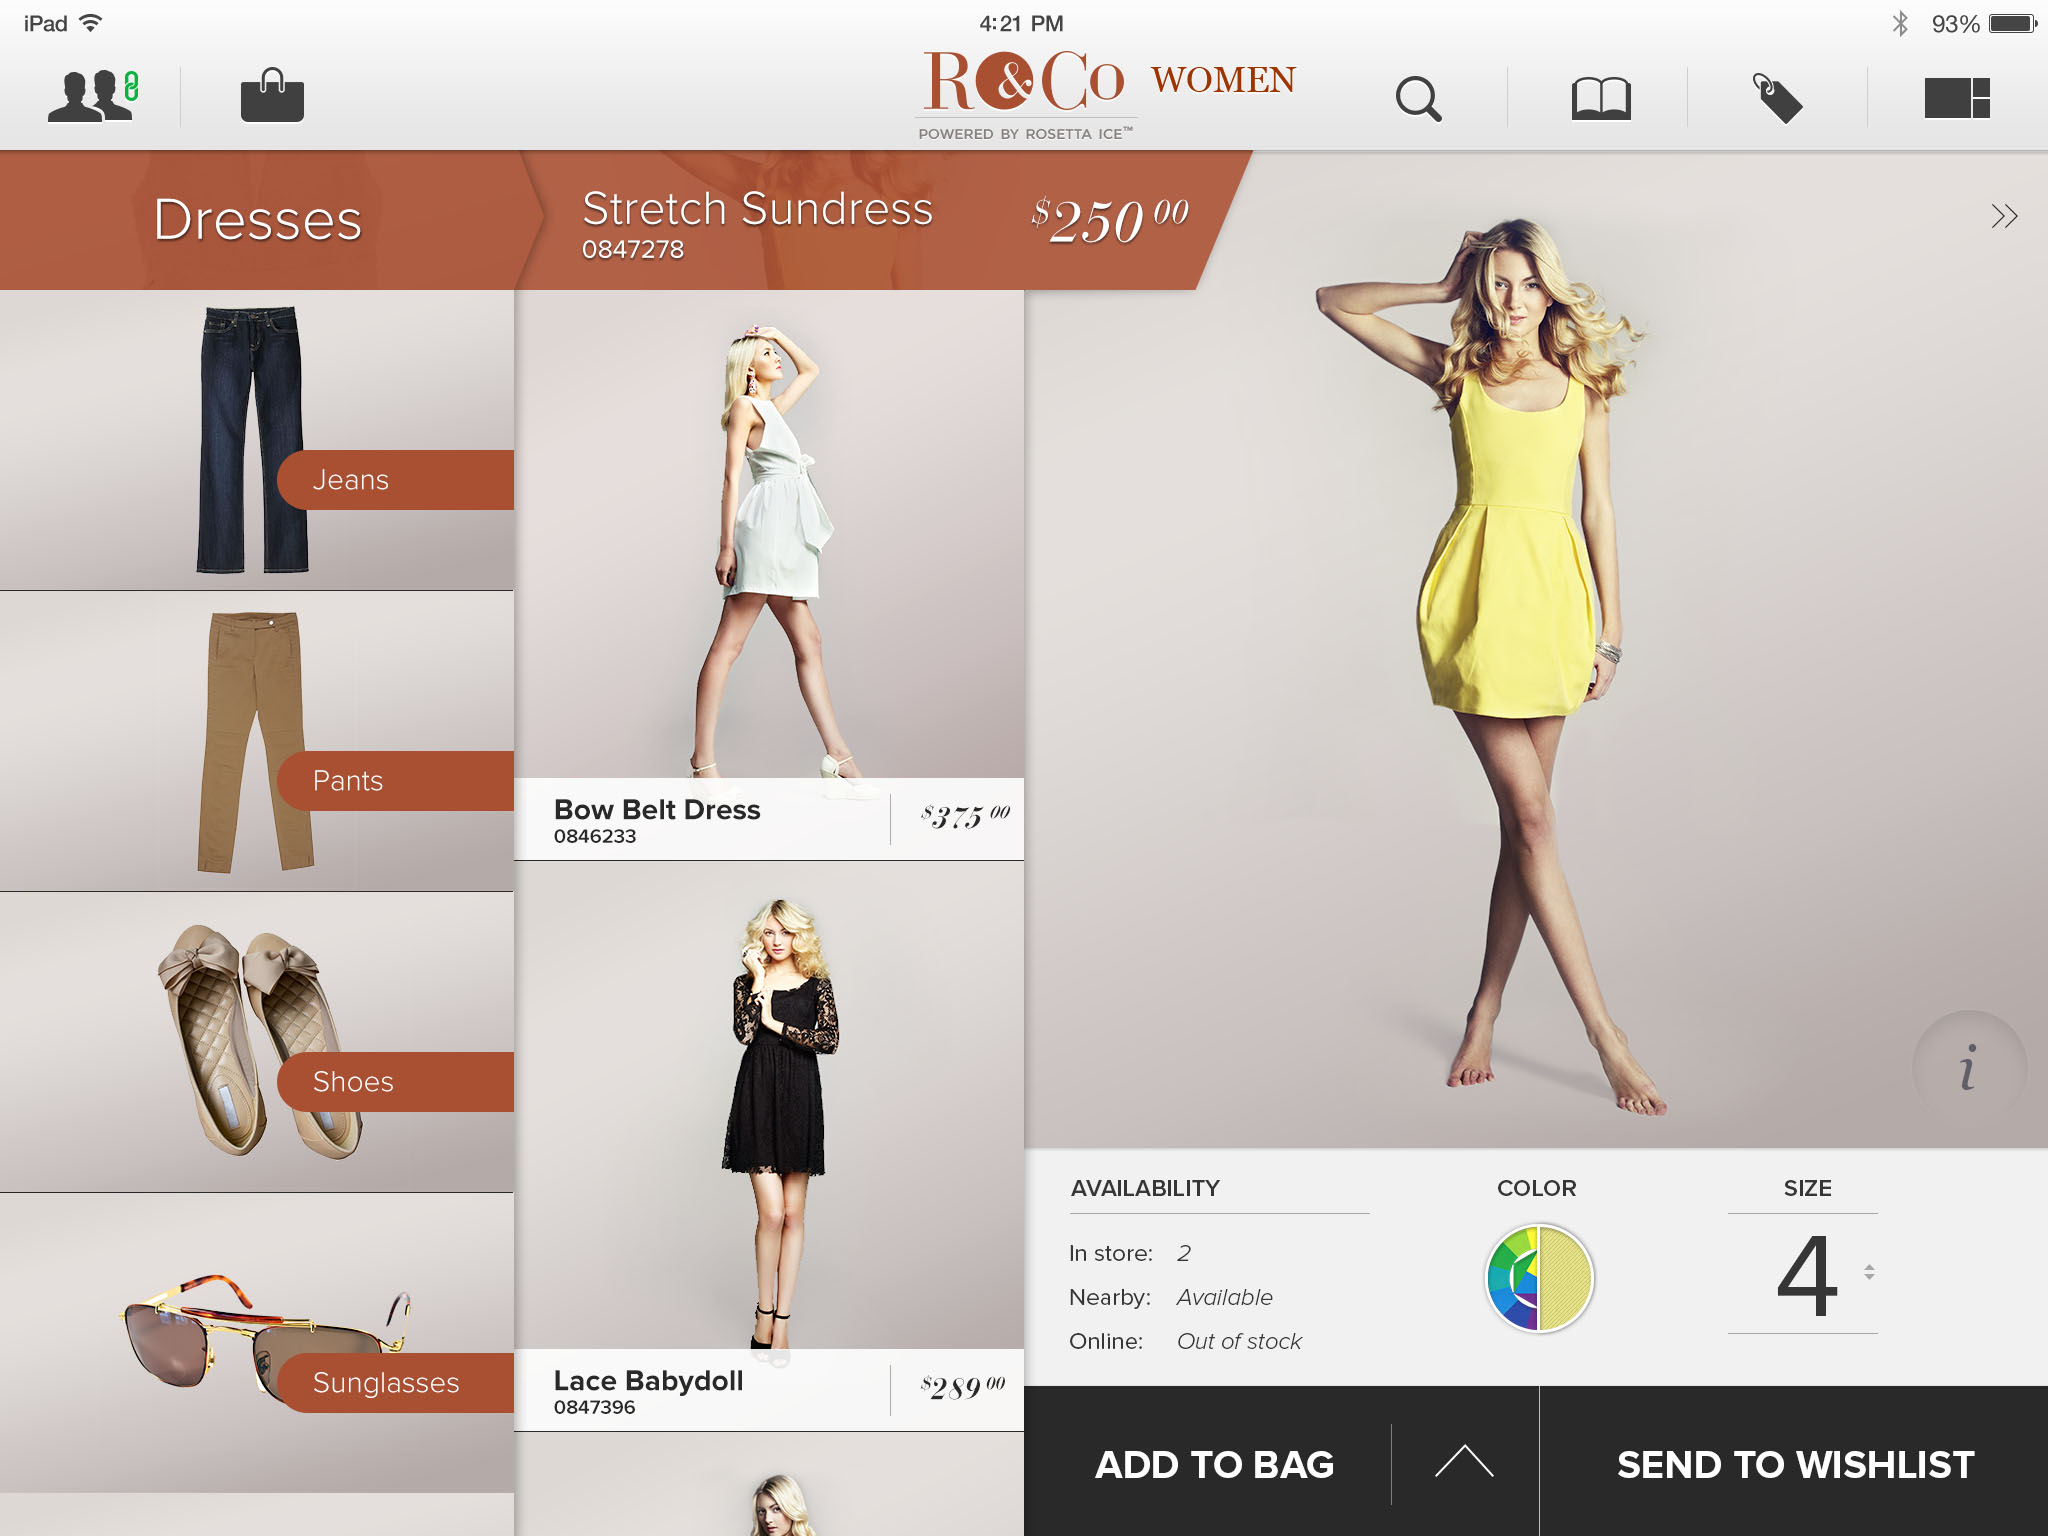 RCO-Assoc_03.0_0002_Womens - Dresses PDP.jpg